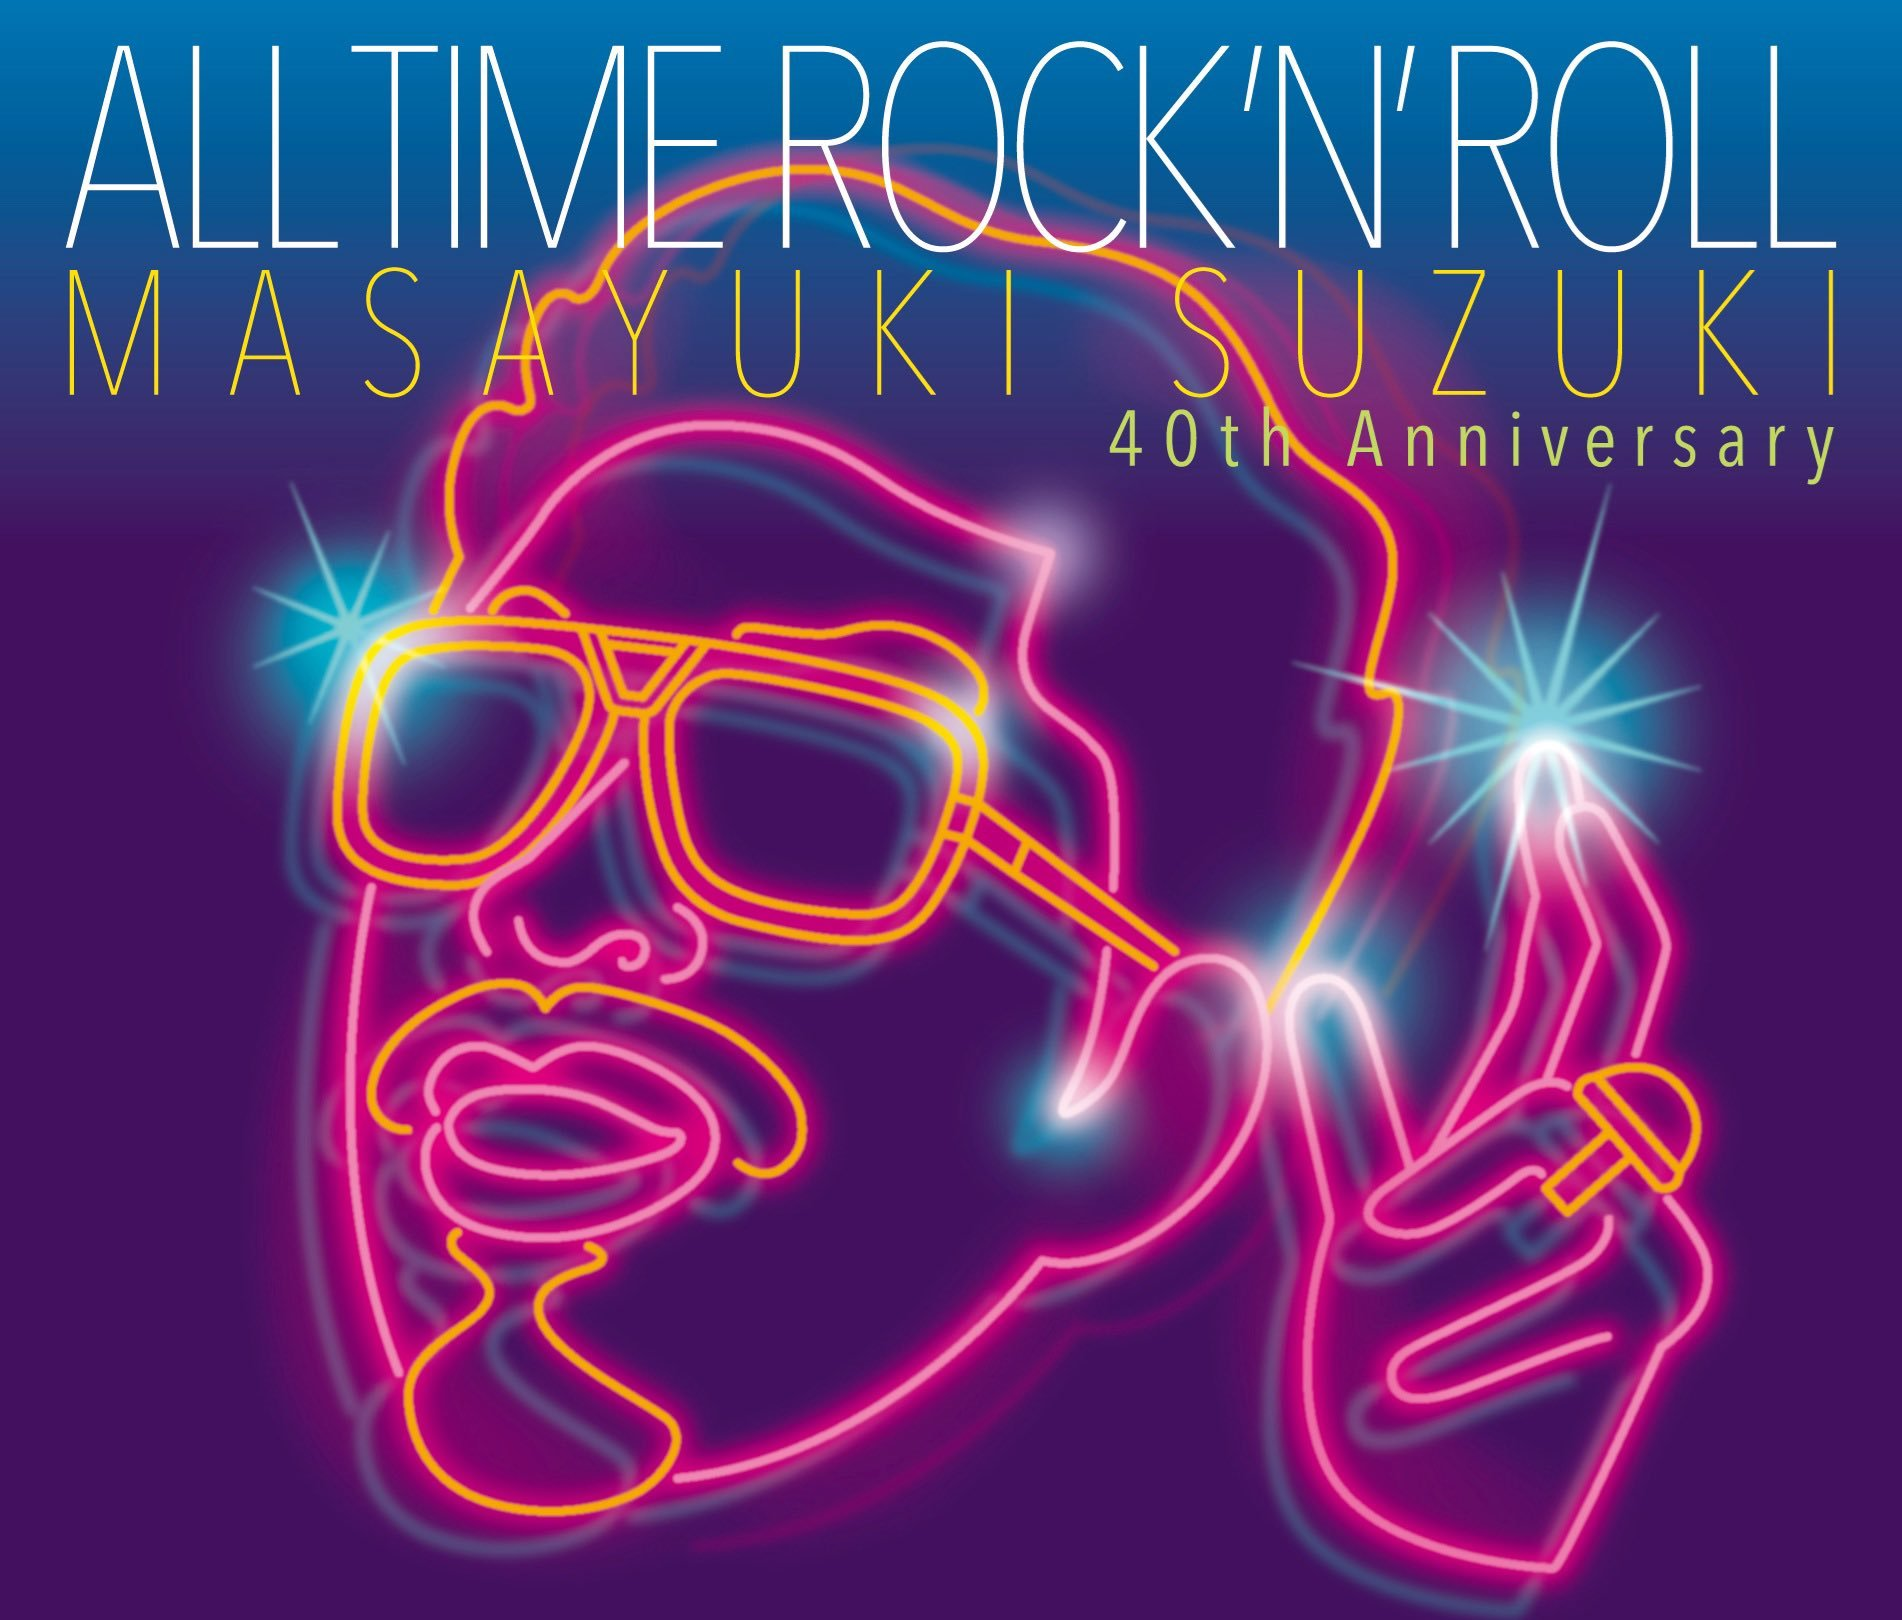 鈴木雅之 (すずきまさゆき) 40周年記念ベスト・アルバム『ALL TIME ROCK 'N' ROLL (オール タイムロックンロール)』(2020年4月15日発売) 高画質CDジャケット画像 (ジャケ写)